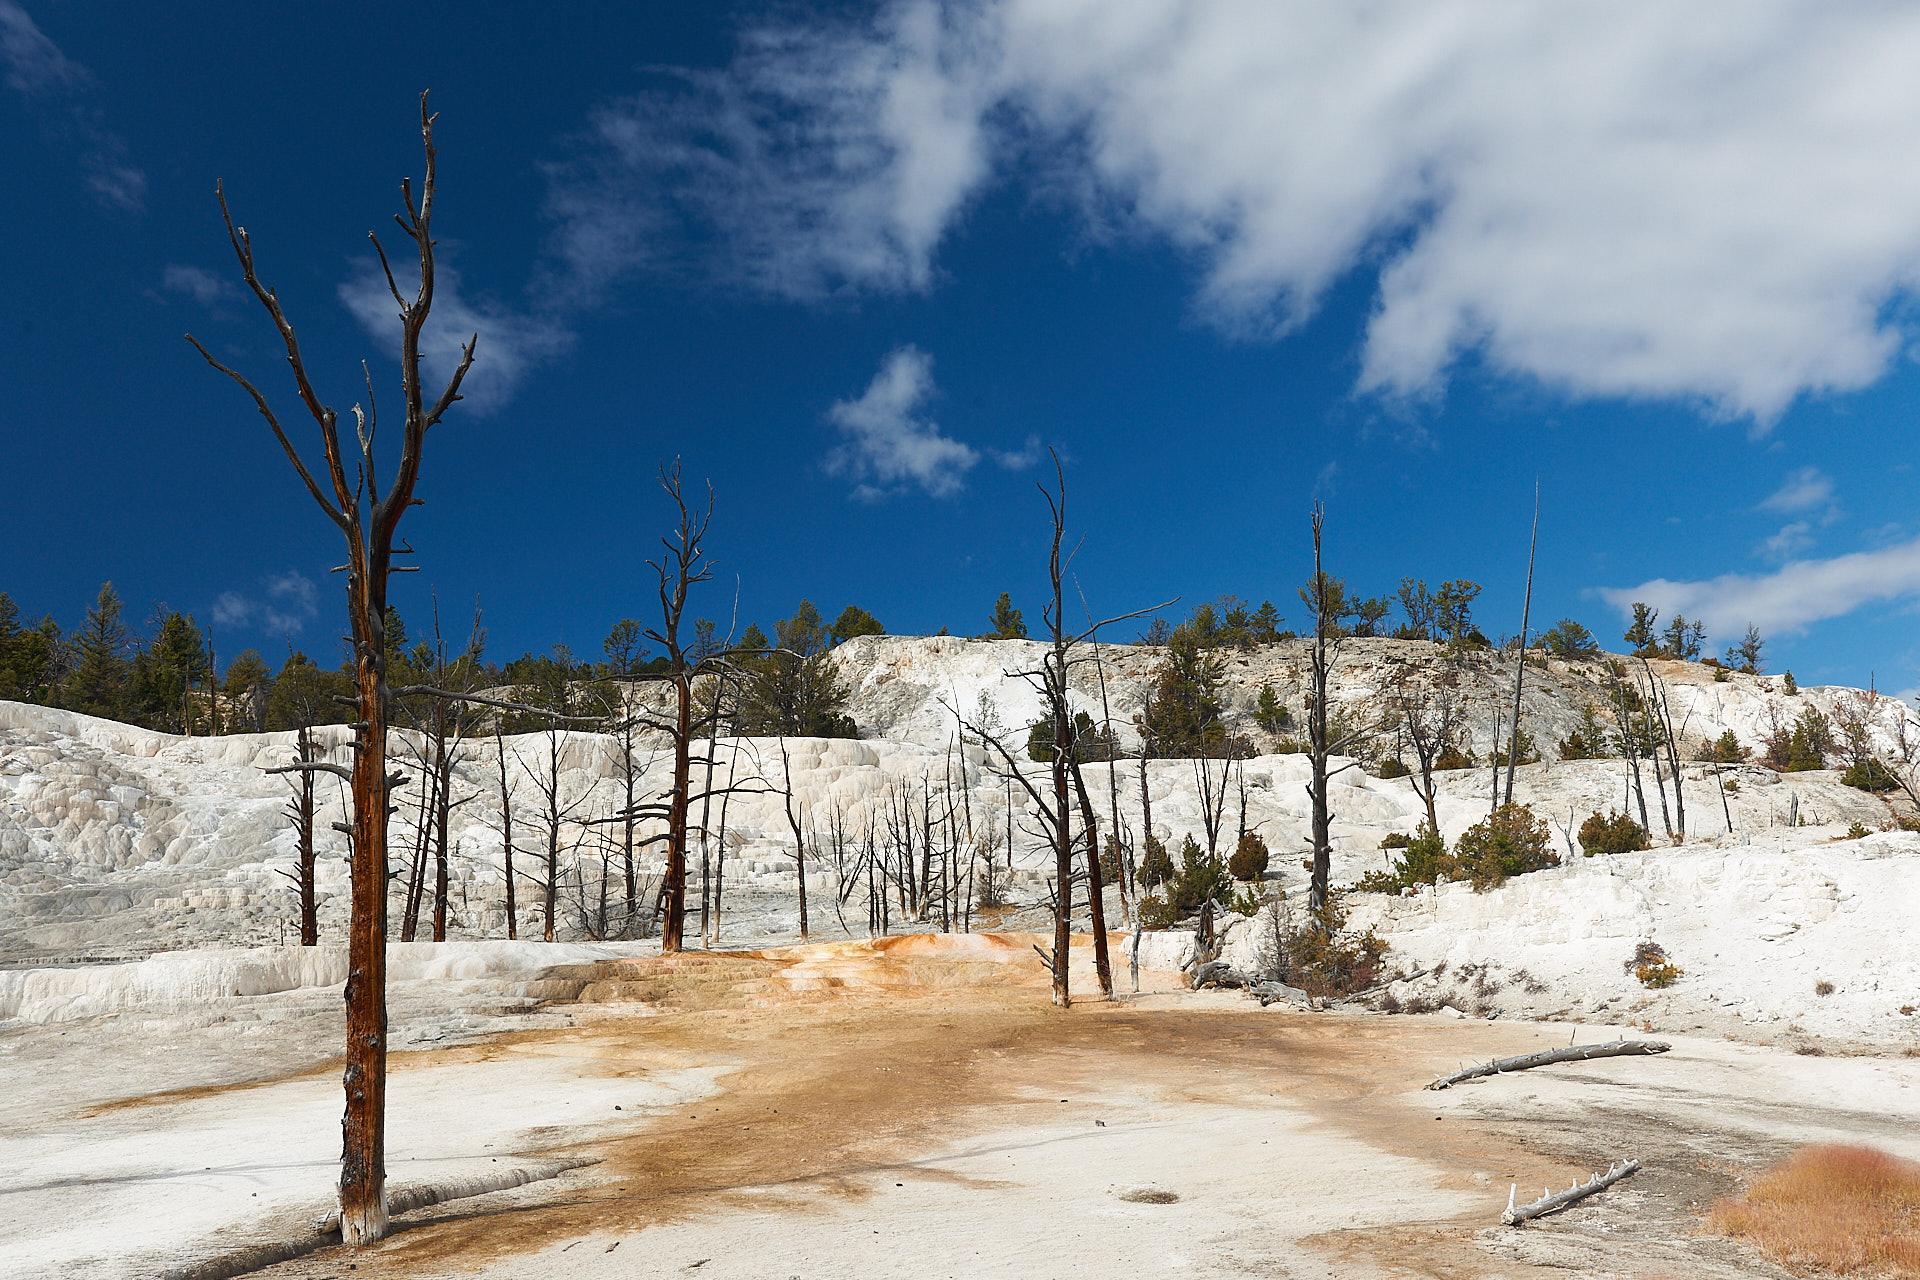 Dieses Naturbild zeigt die Angel Terrase des Mammoth Hot Springs im Yellowstone Nationalpark.Kamera: NIKON D3X Brennweite: 38mm 1/200 s bei Blende f/11.0